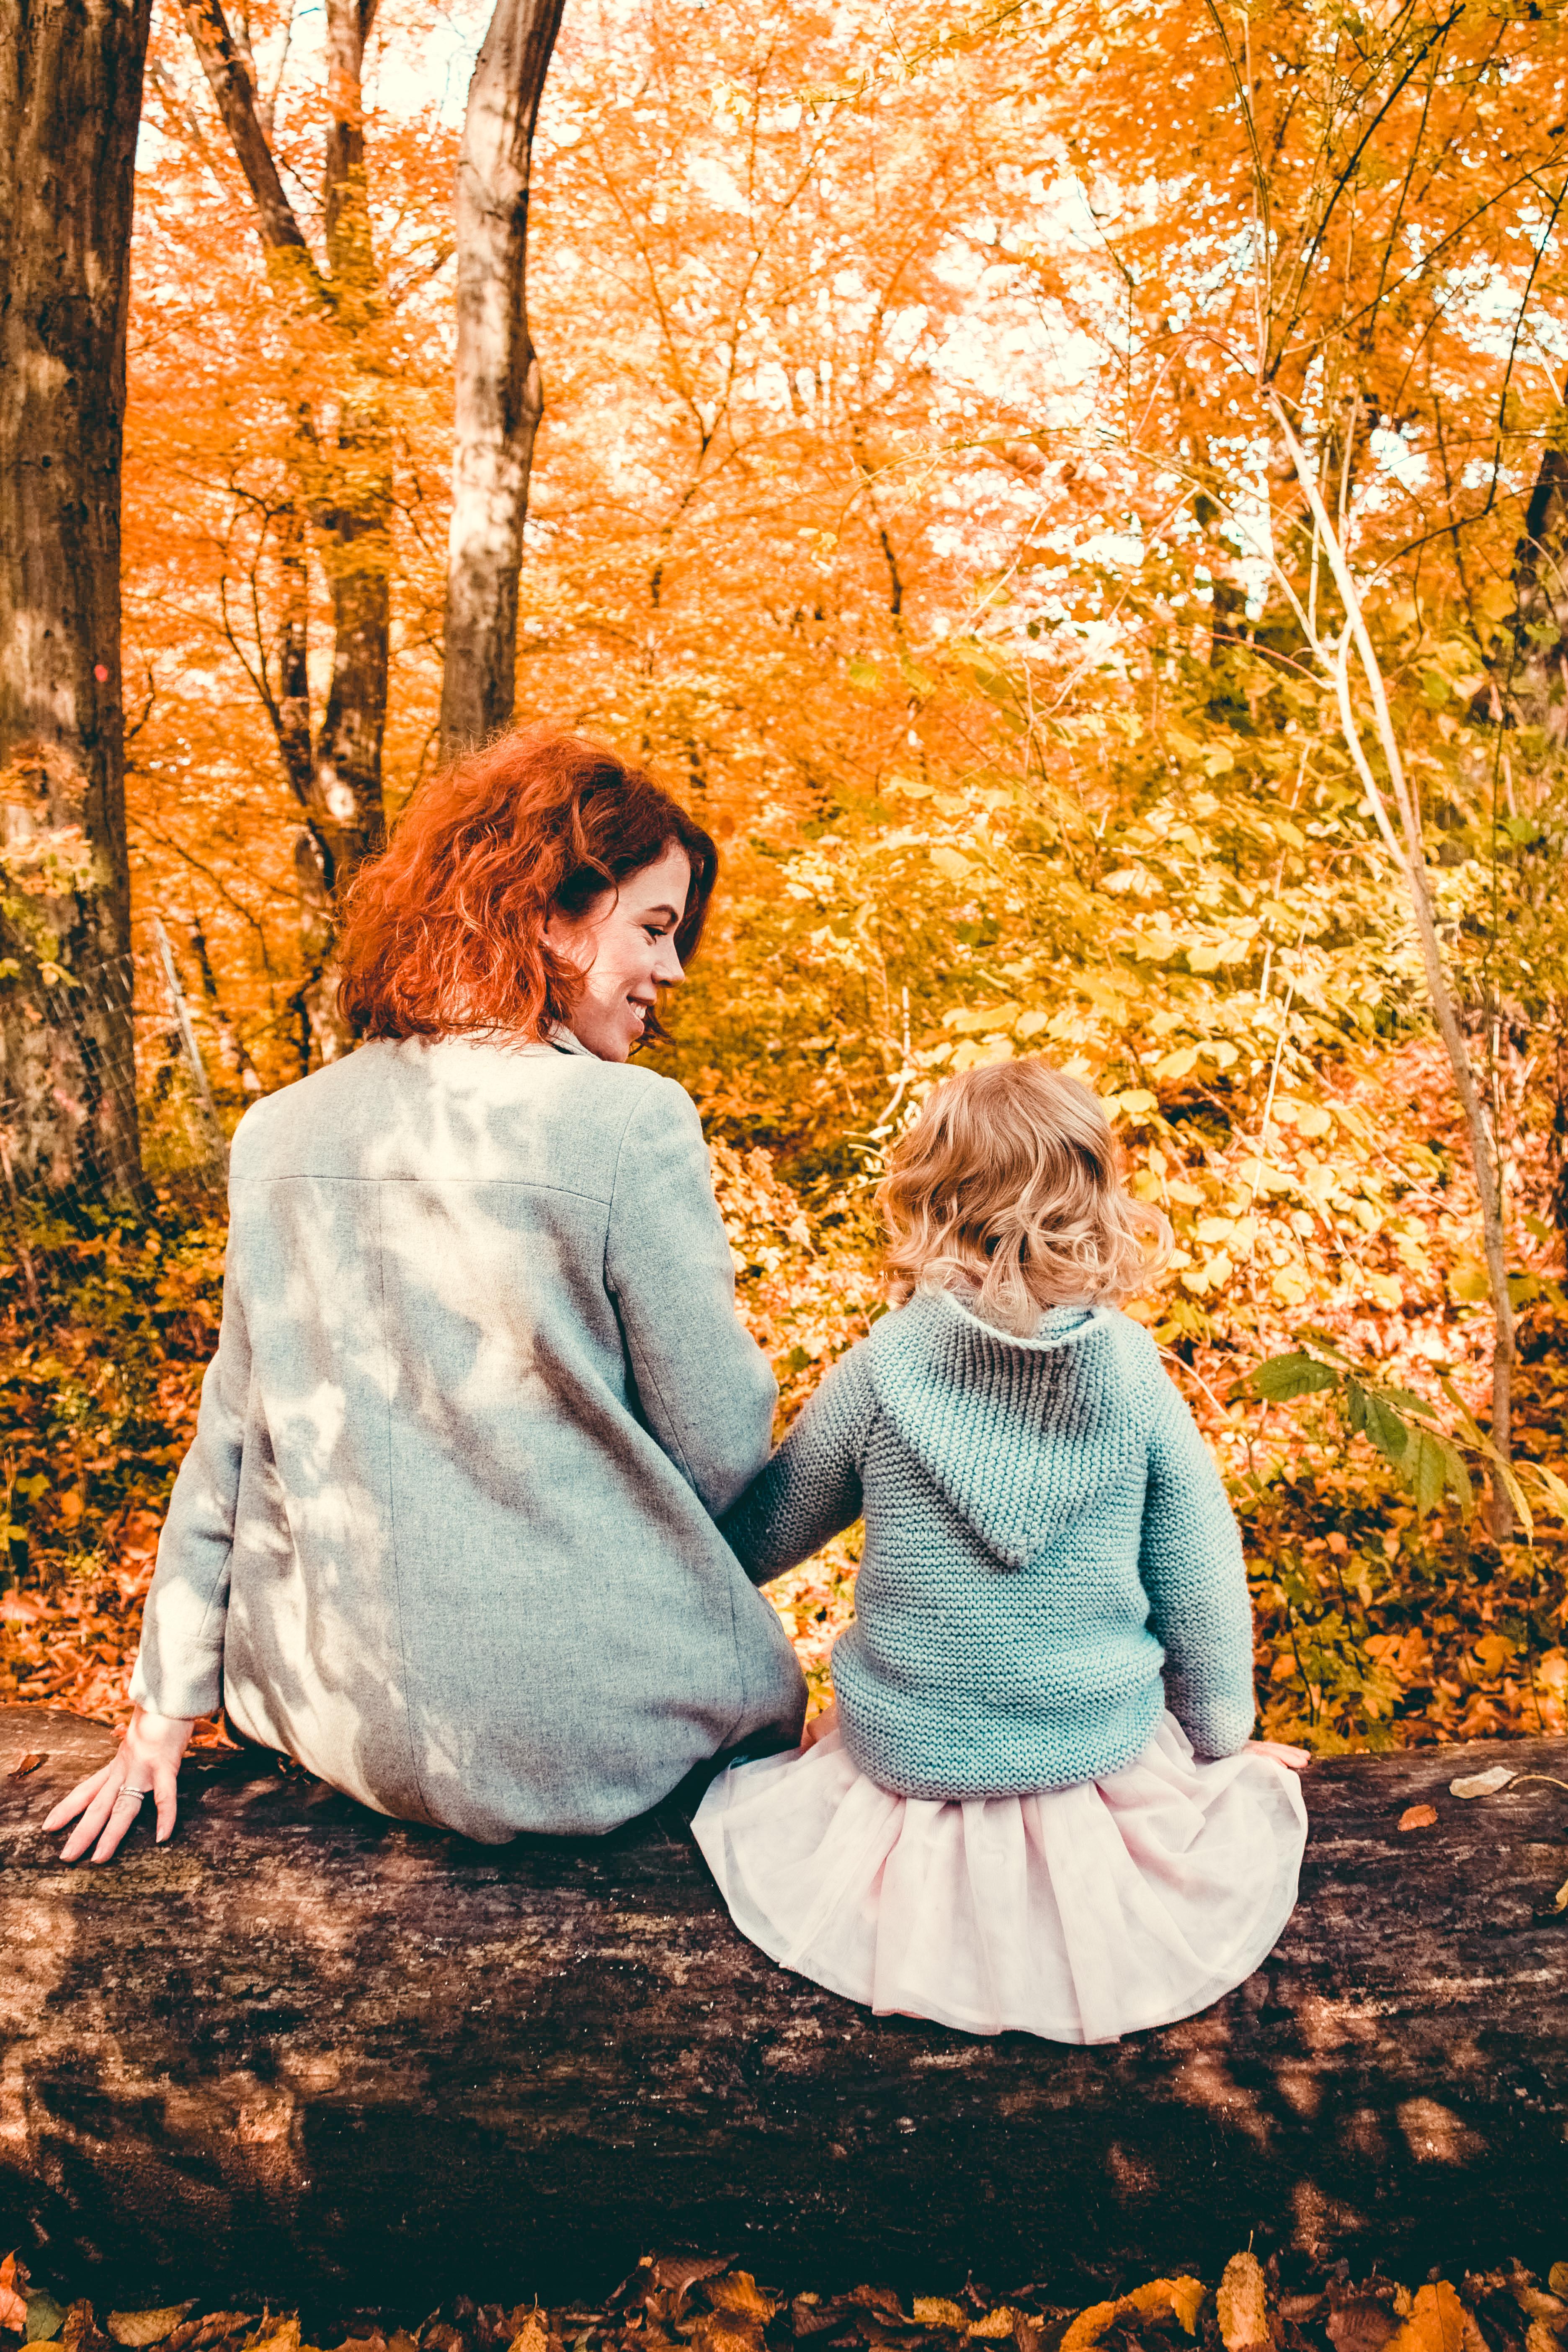 Осень - это « Мама, пошли собирать каштаны» или «Ооо, лужи!»